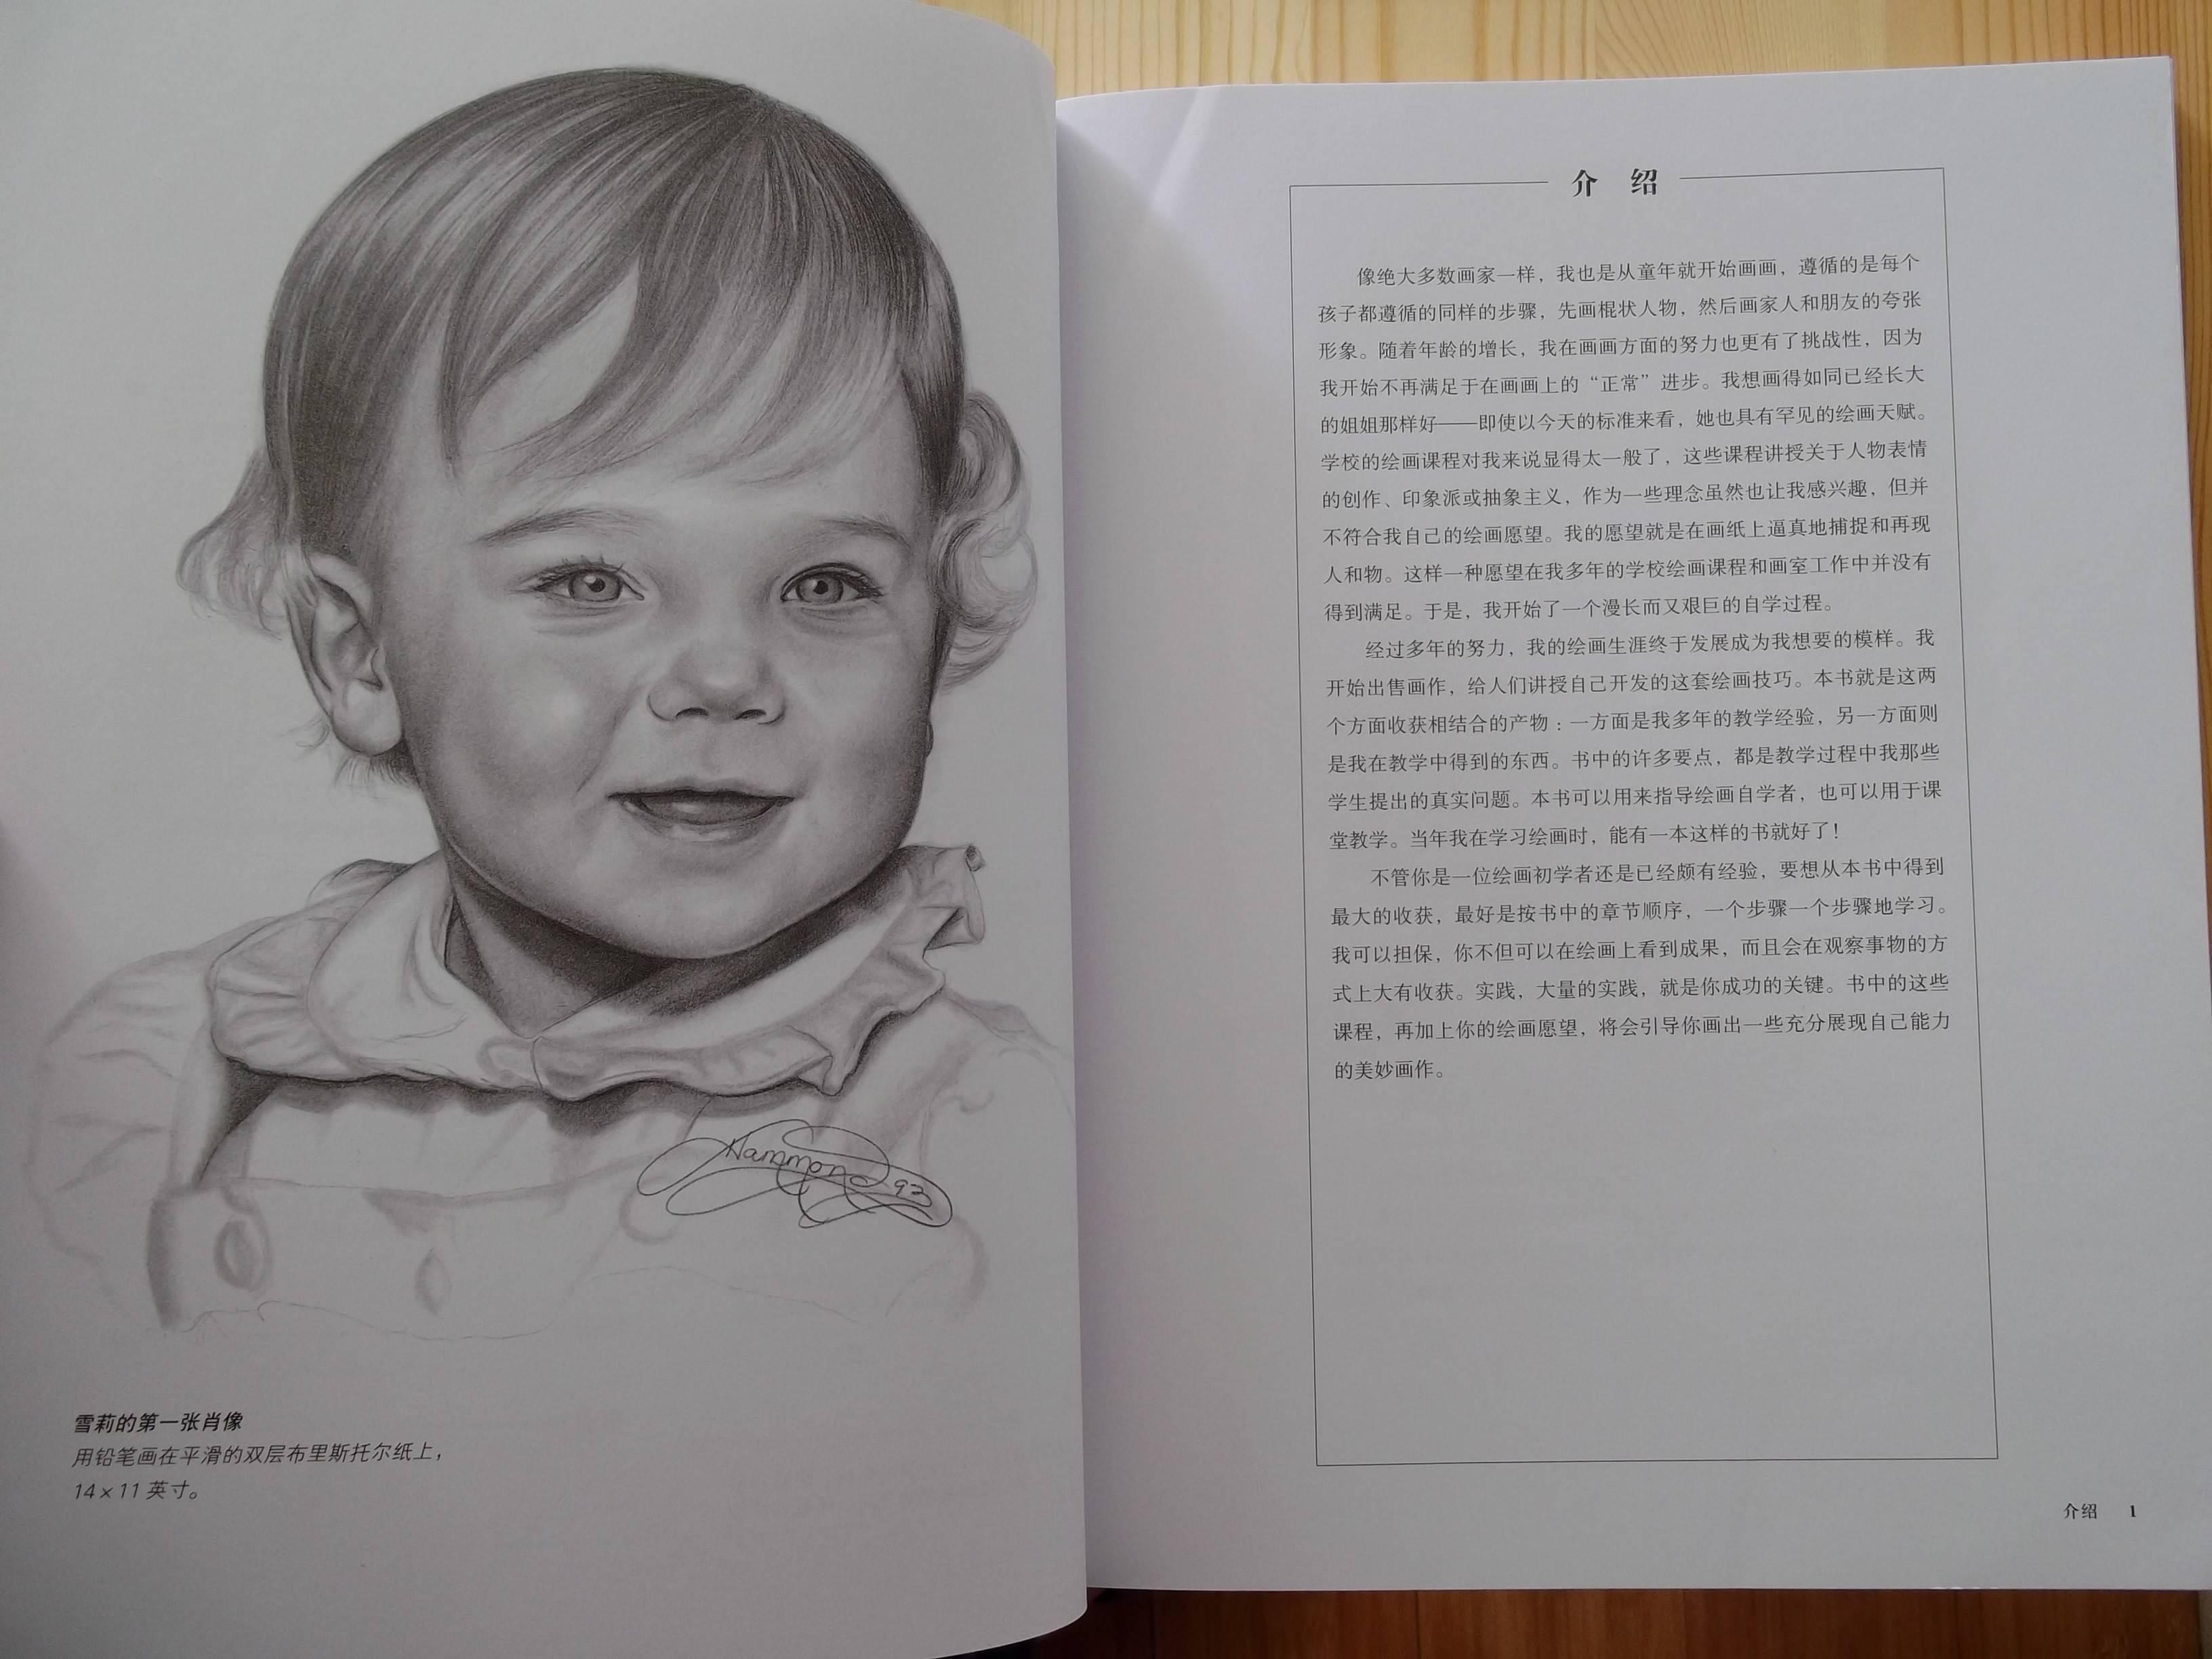 画相片素描的诀窍 谁说相片素描就不是素描了 -谁说相片素描就不是素图片